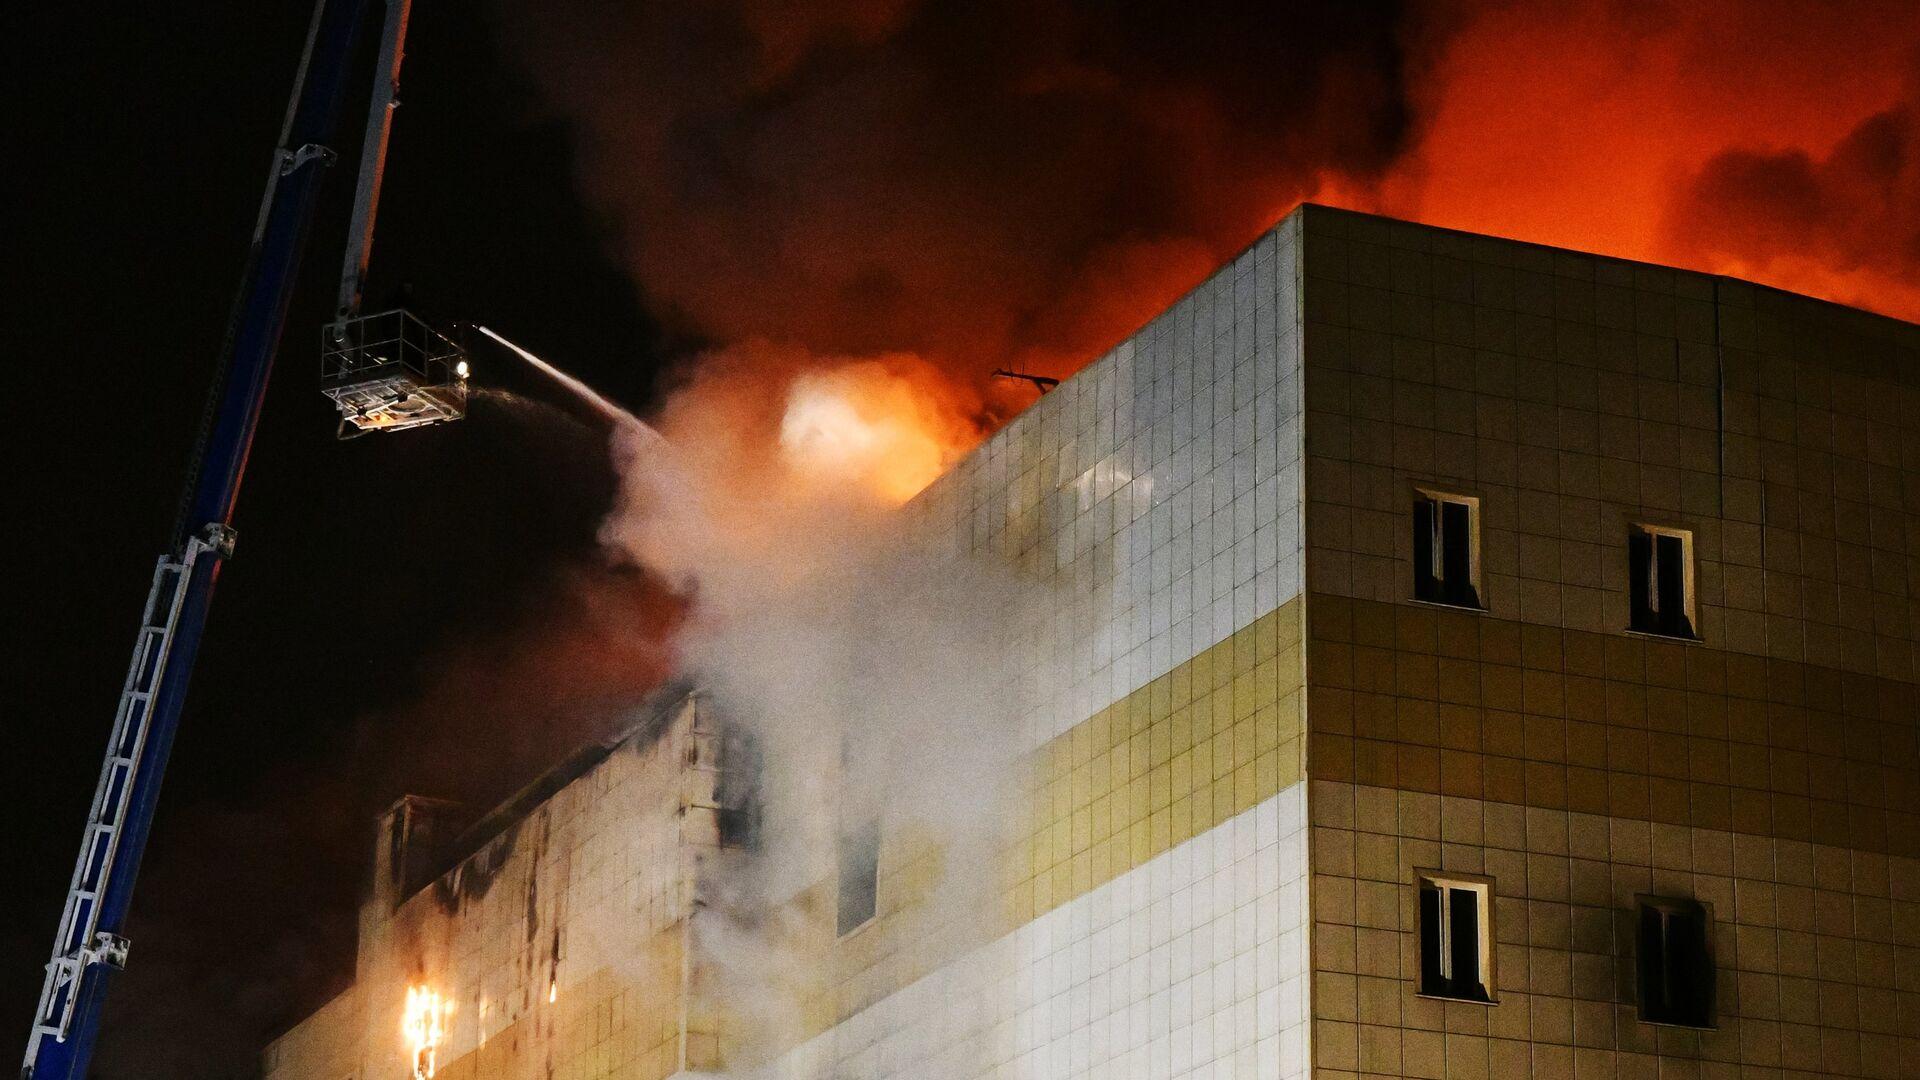 Пожар в торговом центре «Зимняя вишня» в Кемерово  - РИА Новости, 1920, 25.03.2019